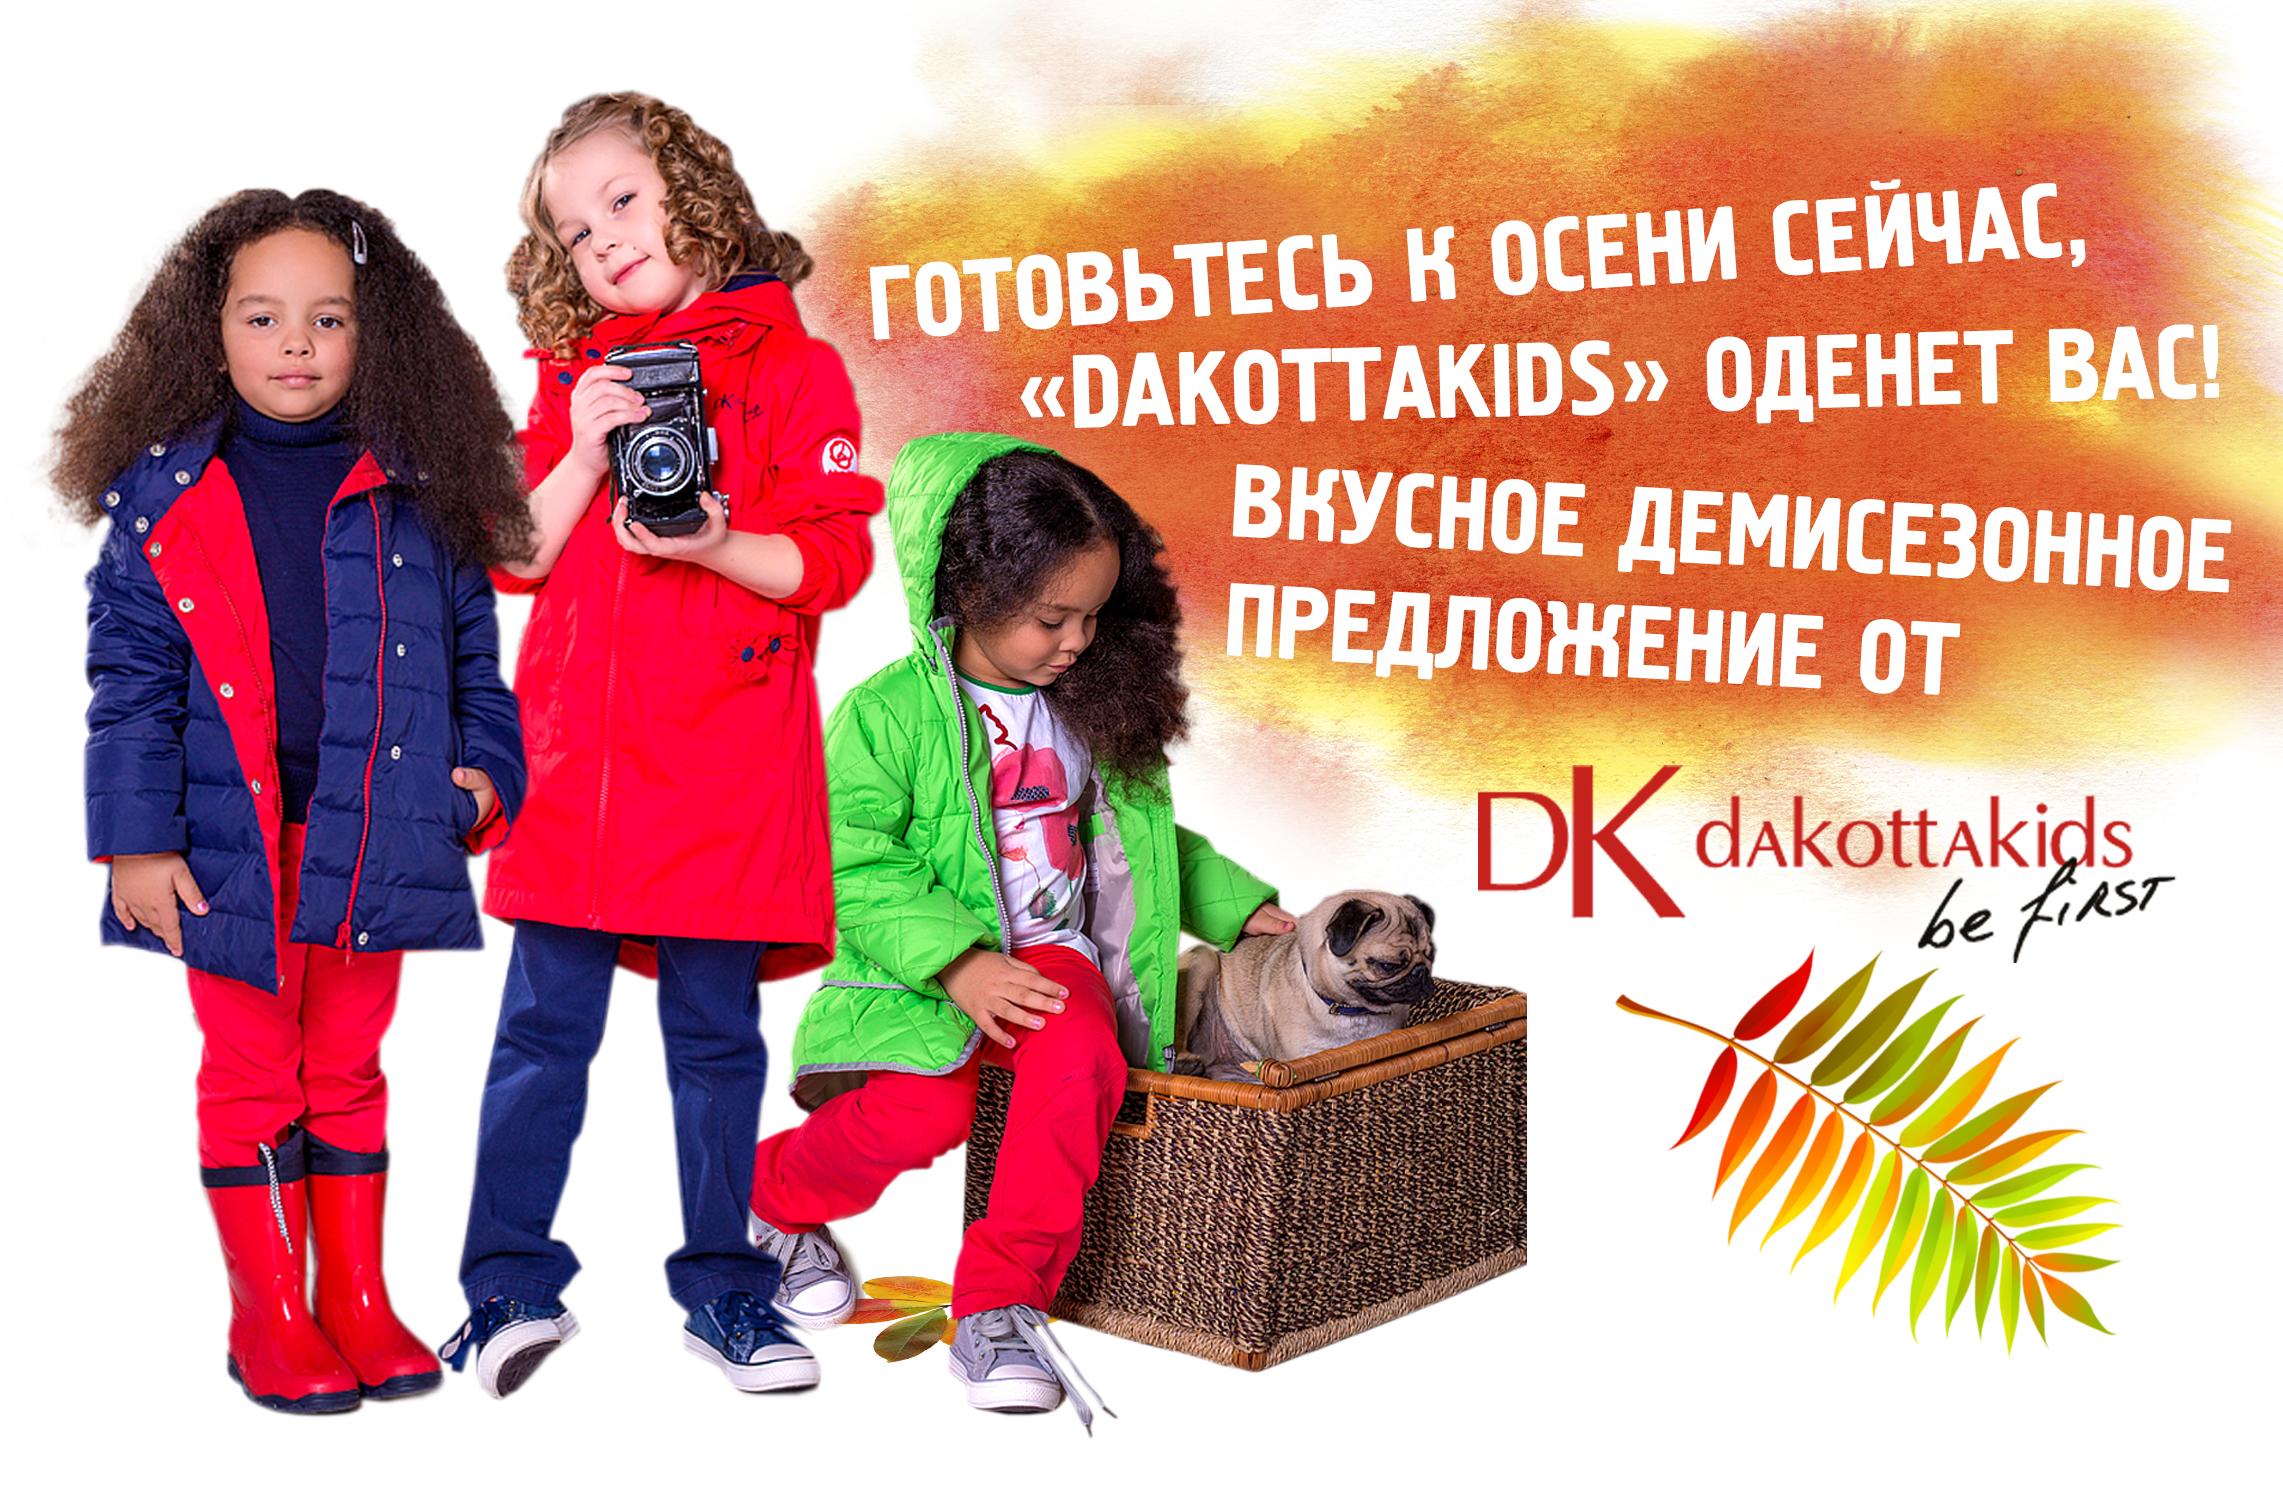 Сбор заказов. Детская одежда из США Dakottakids. Налетайте. Улетные цены на все коллекции от 290 руб. Скидки до 40% на